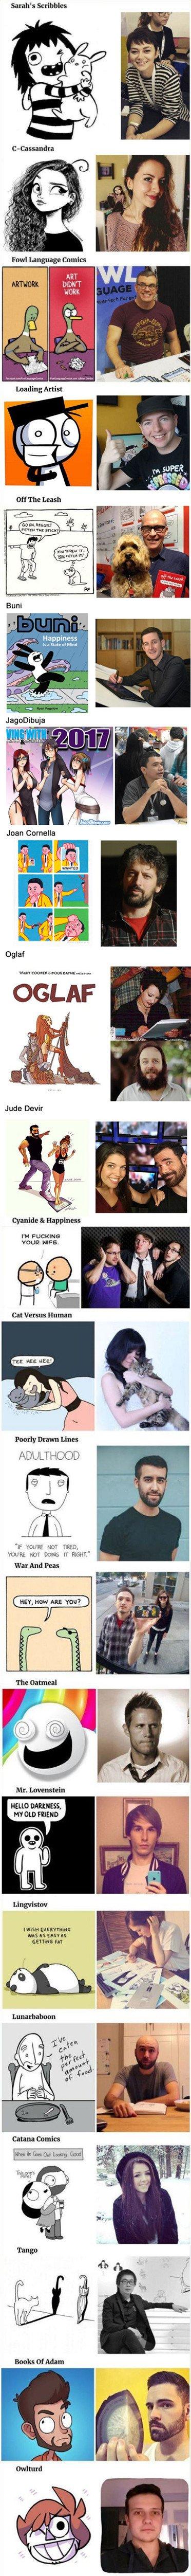 Meme_otros - Estas son las caras que hay tras los dibujos más famosos de internet